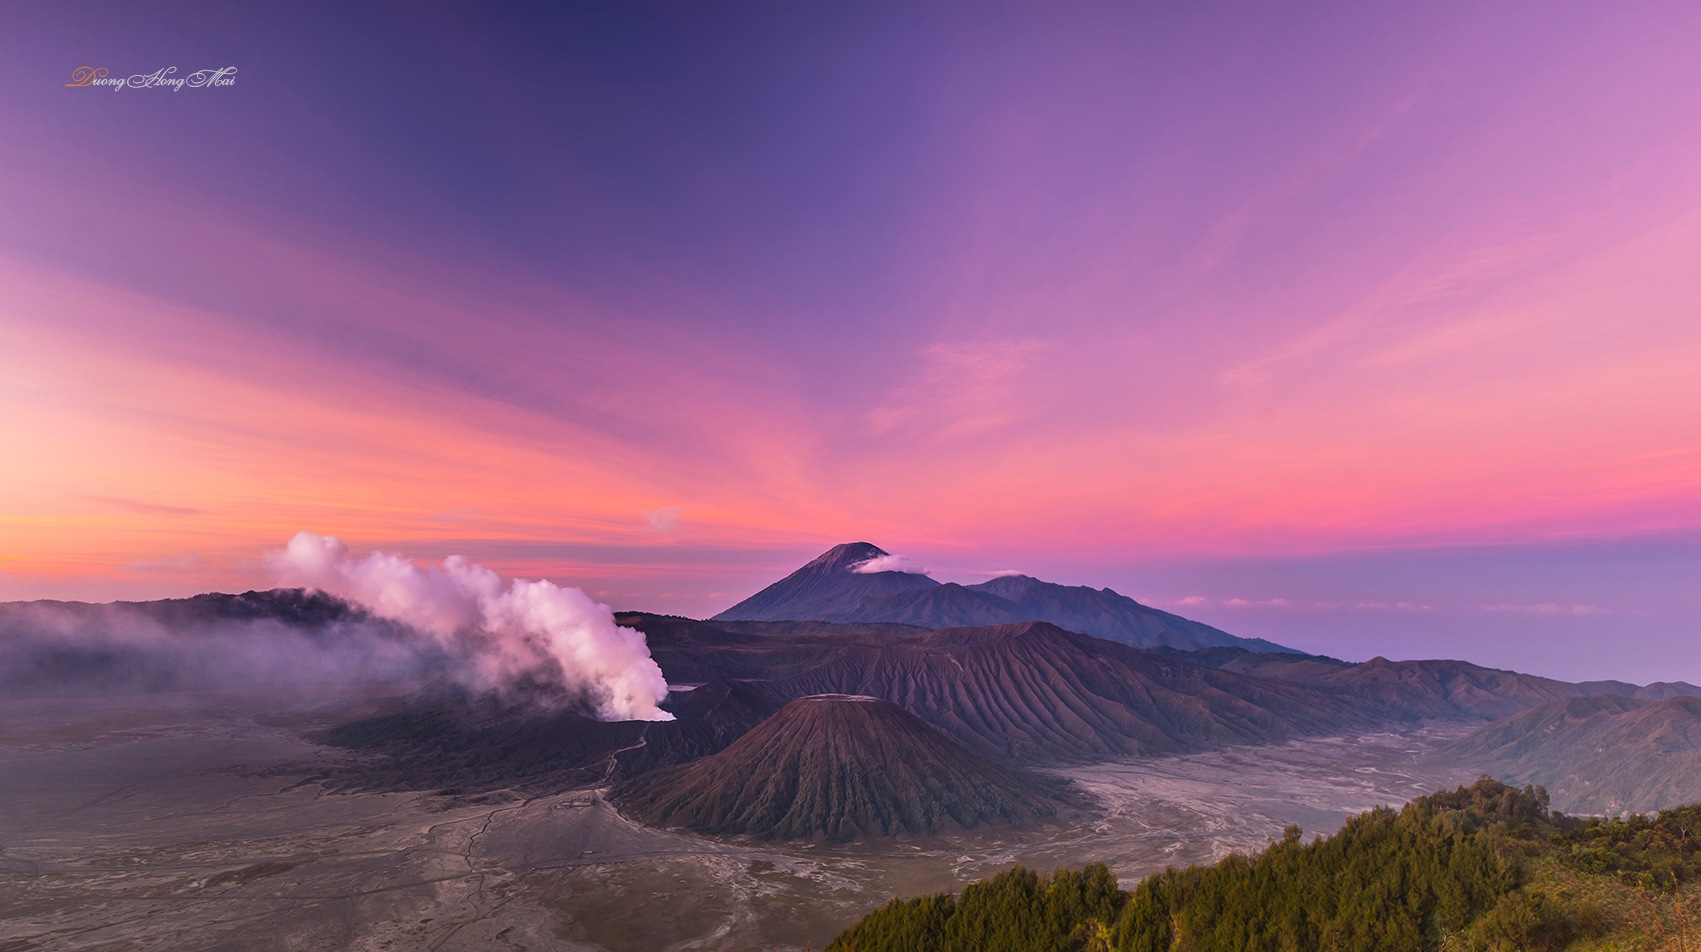 Gunung Bromo by Duong Hong Mai